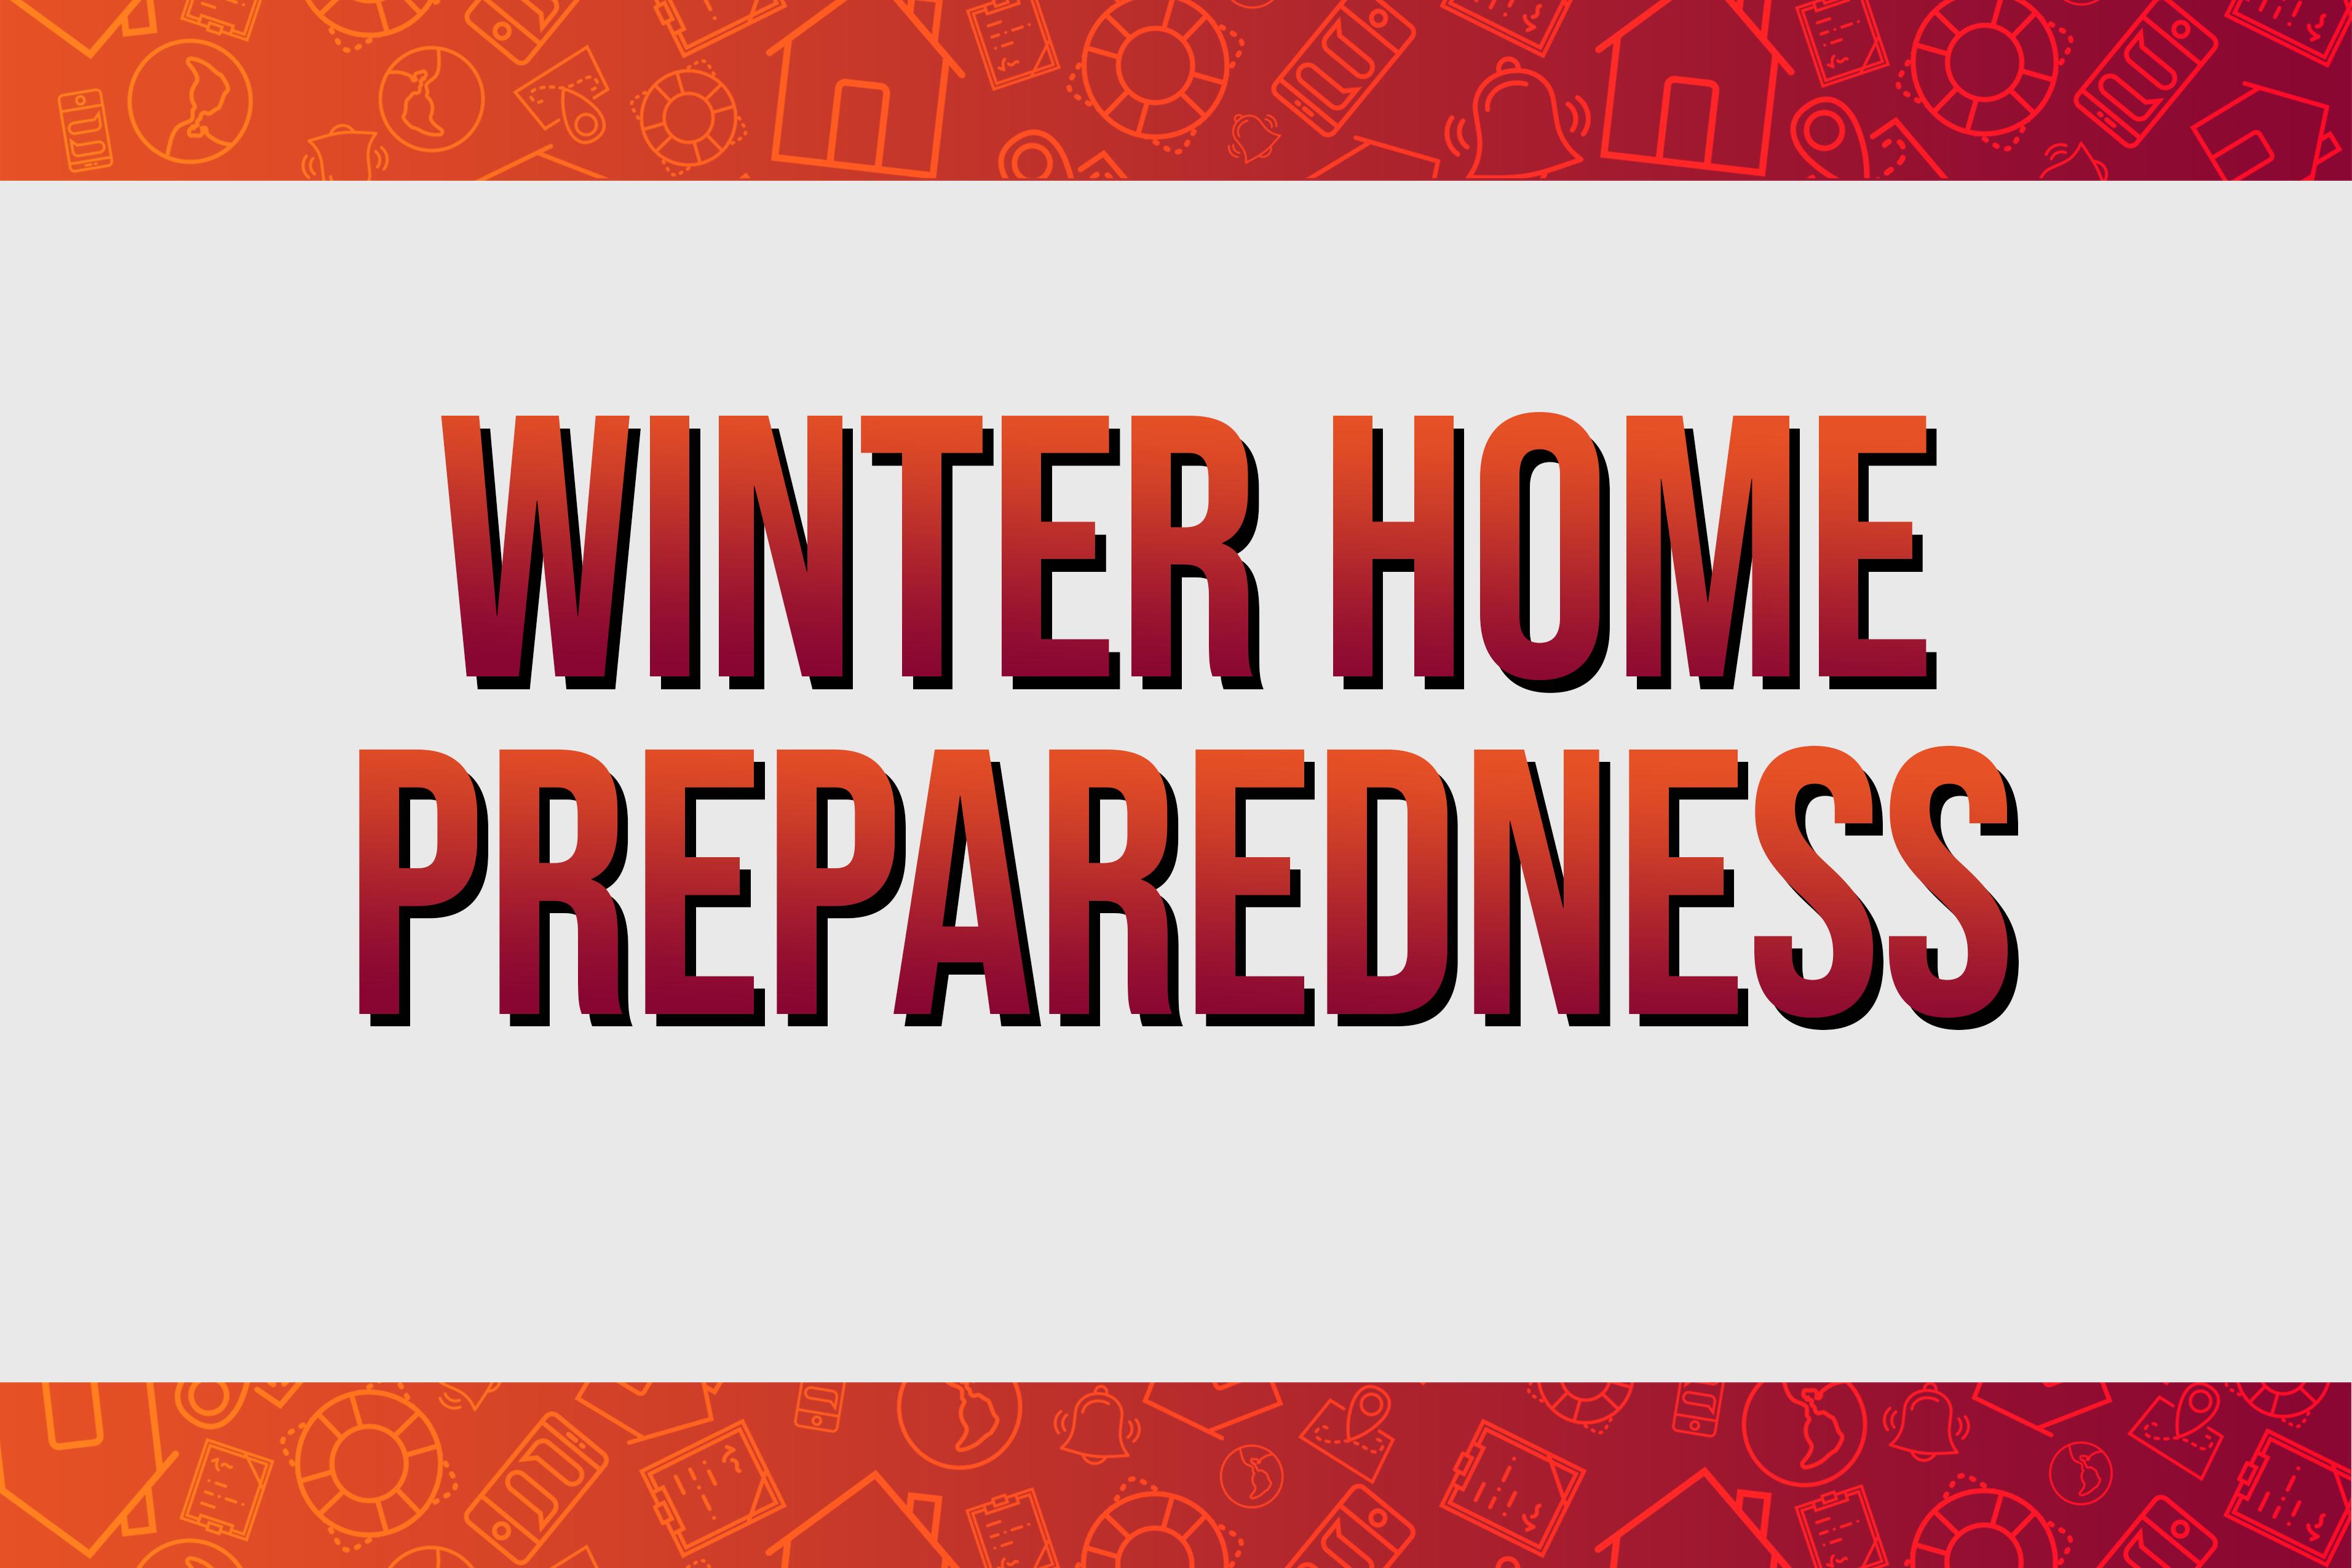 Winter Home Preparedness